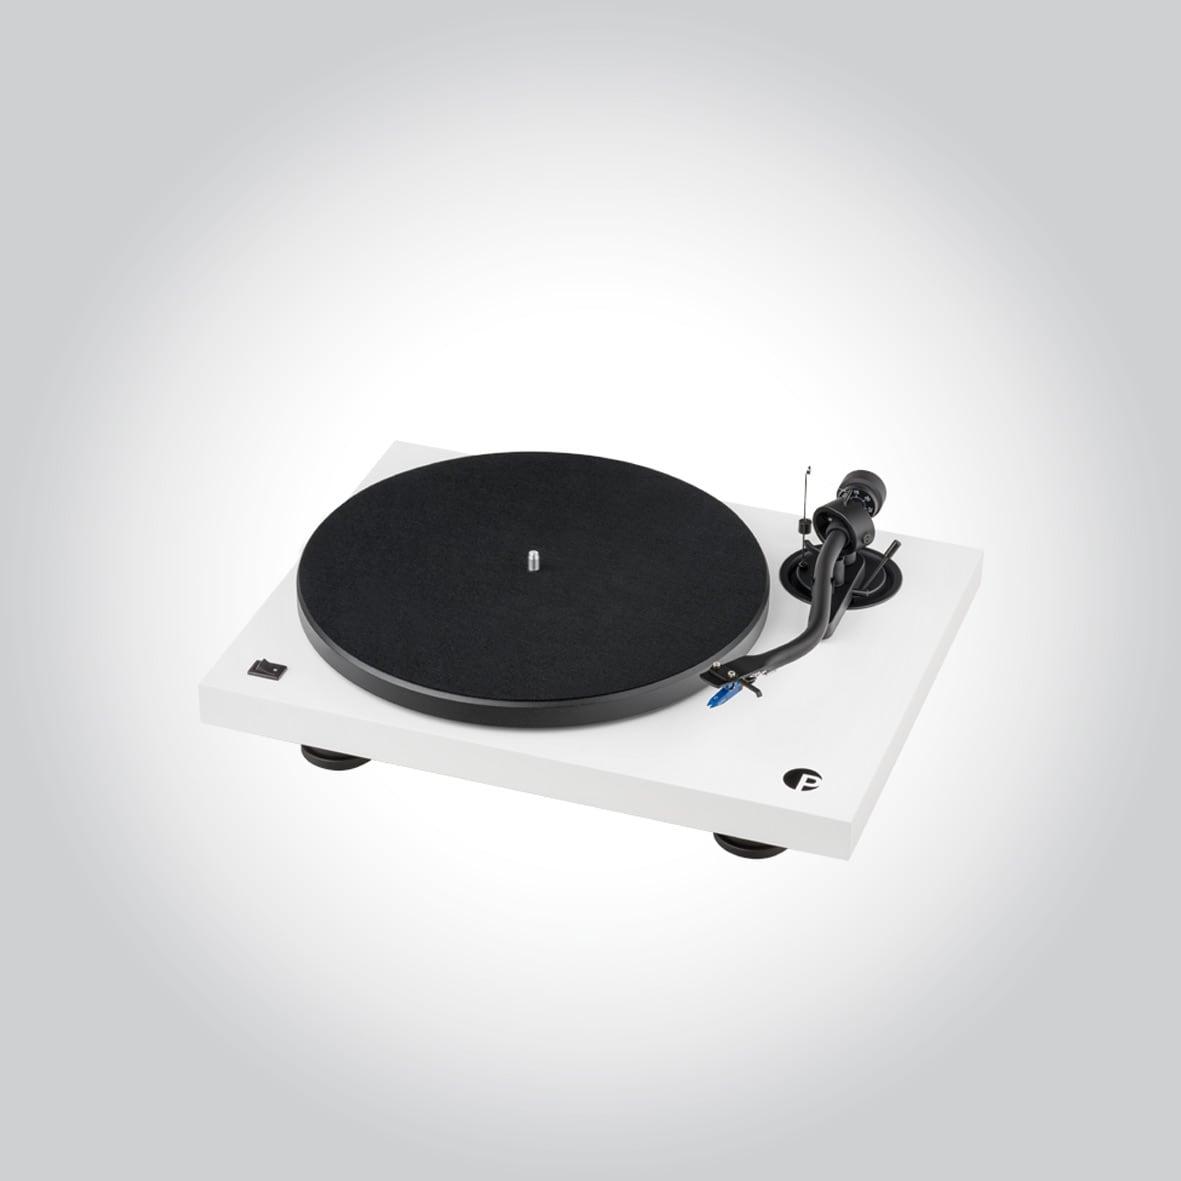 Platine vinyles Pro-ject Debut III S Audiophile